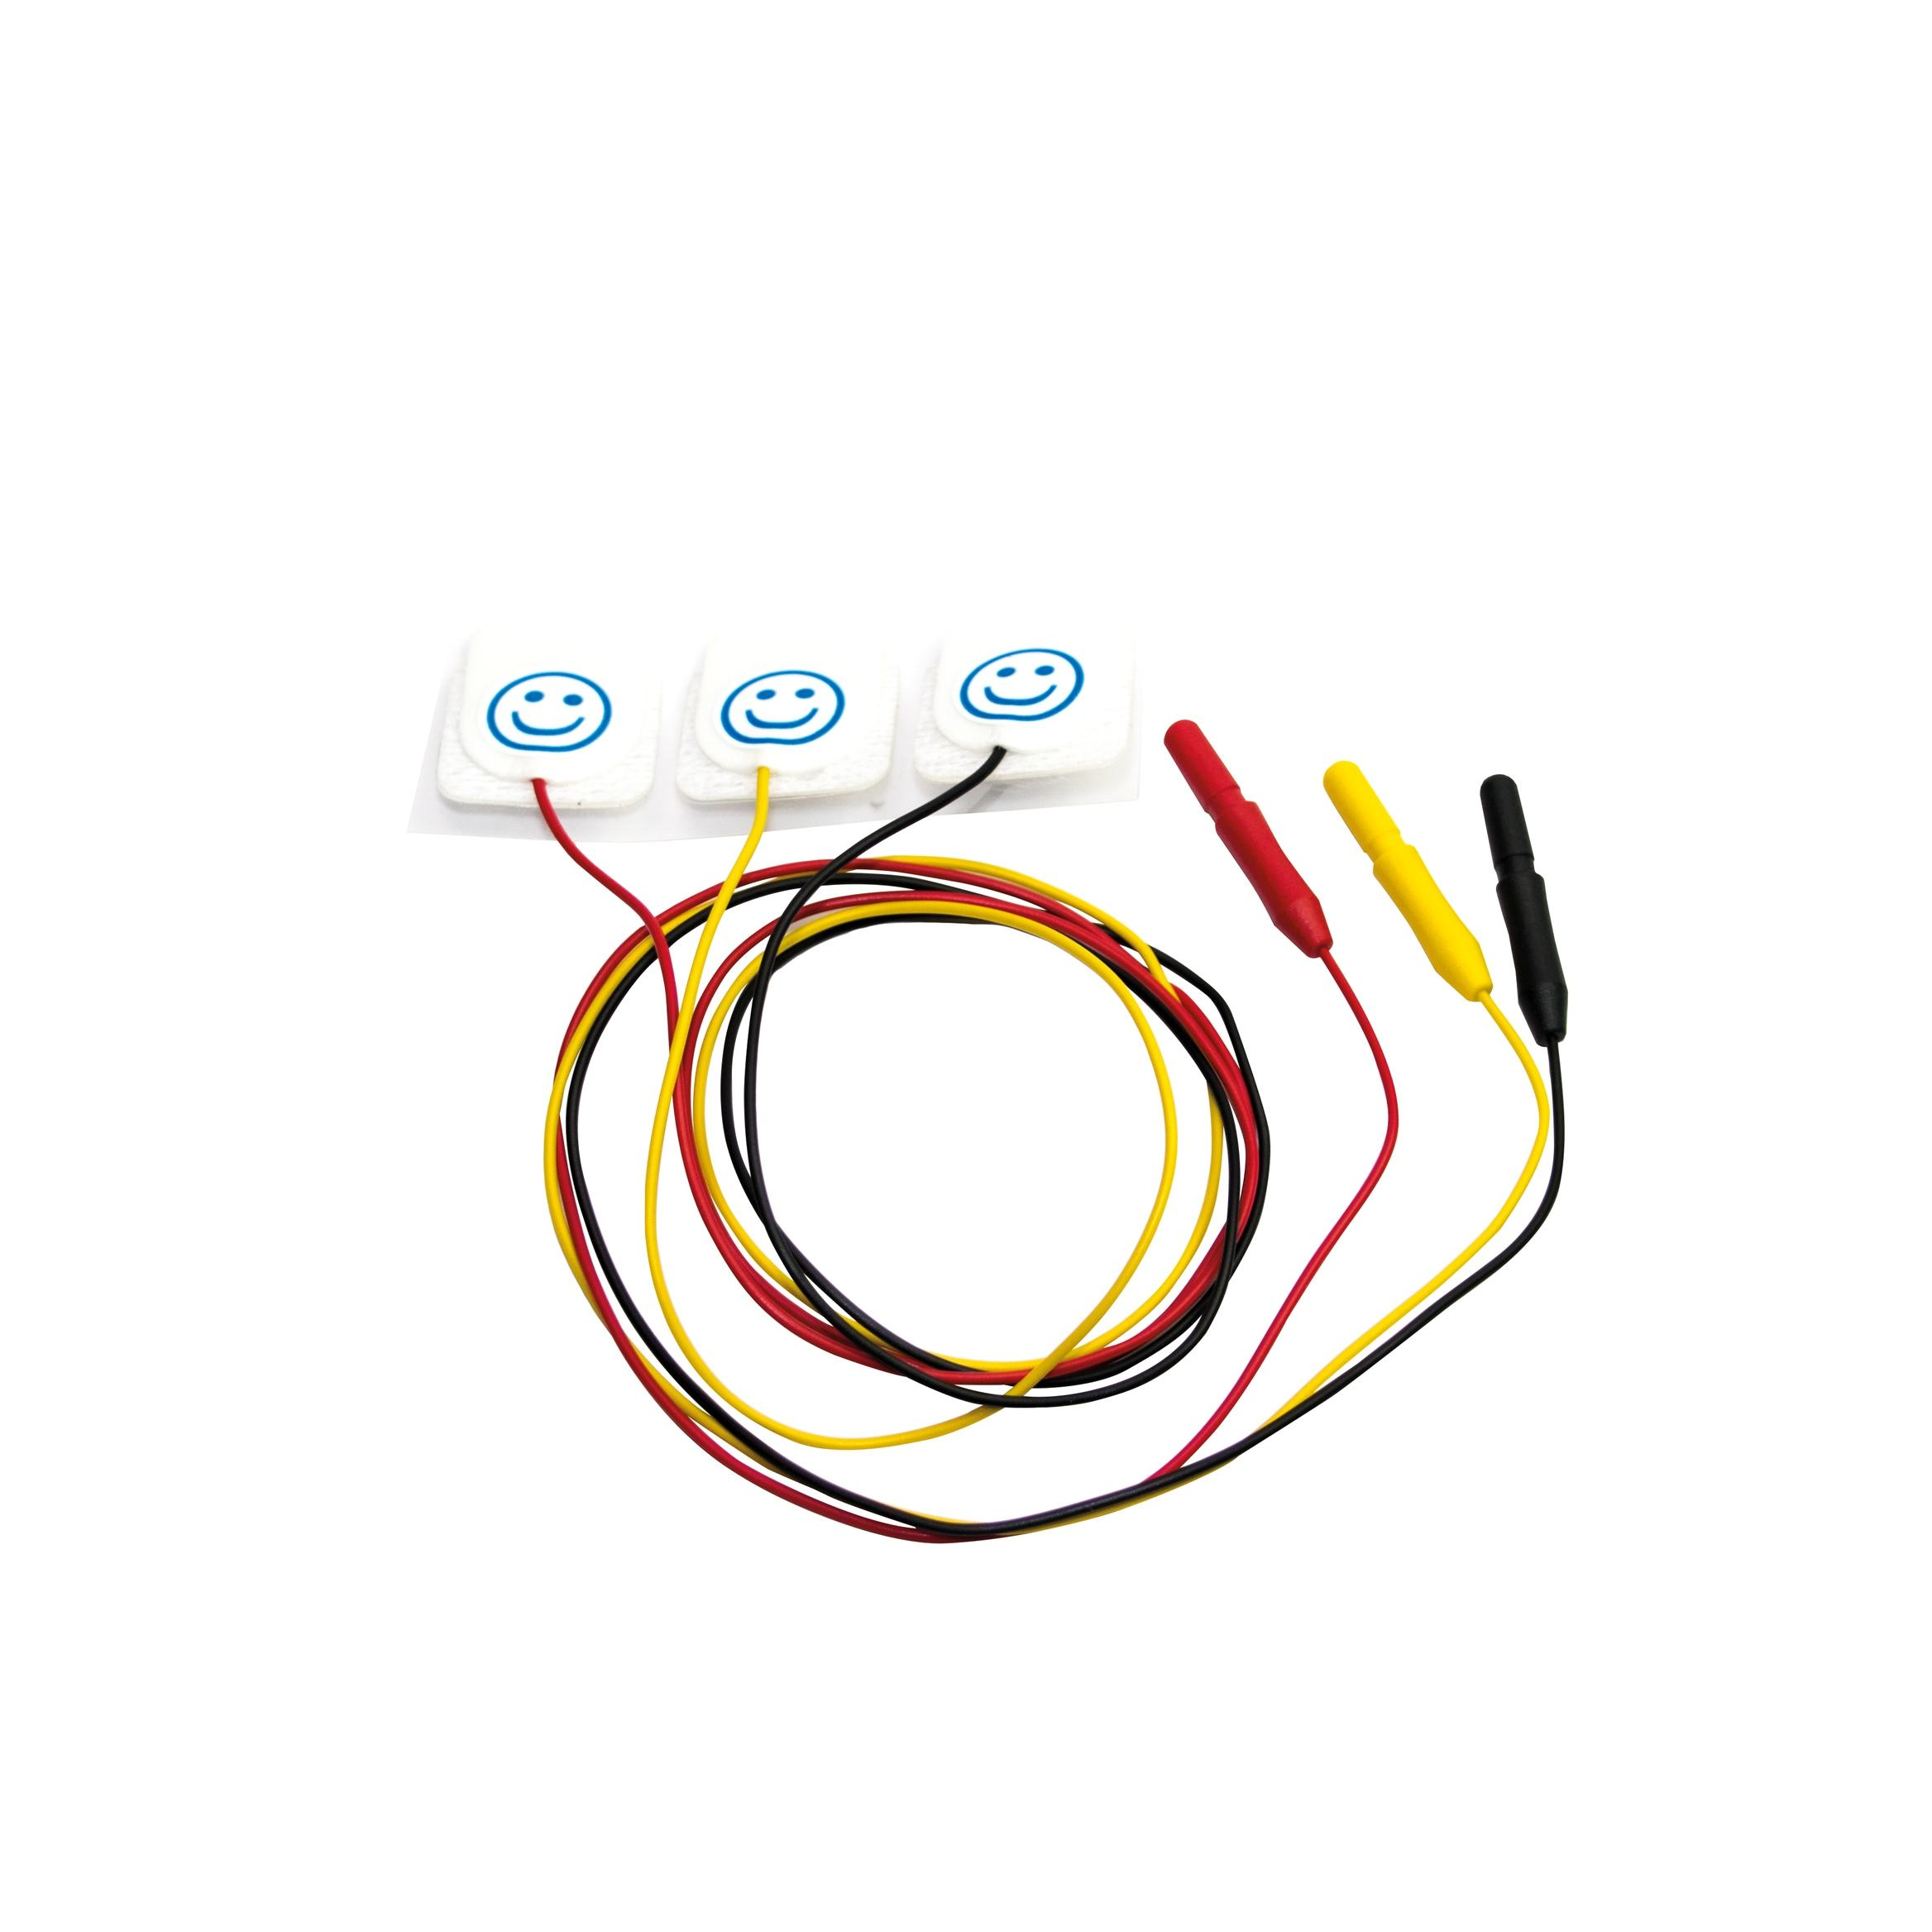 Électrodes Neonat